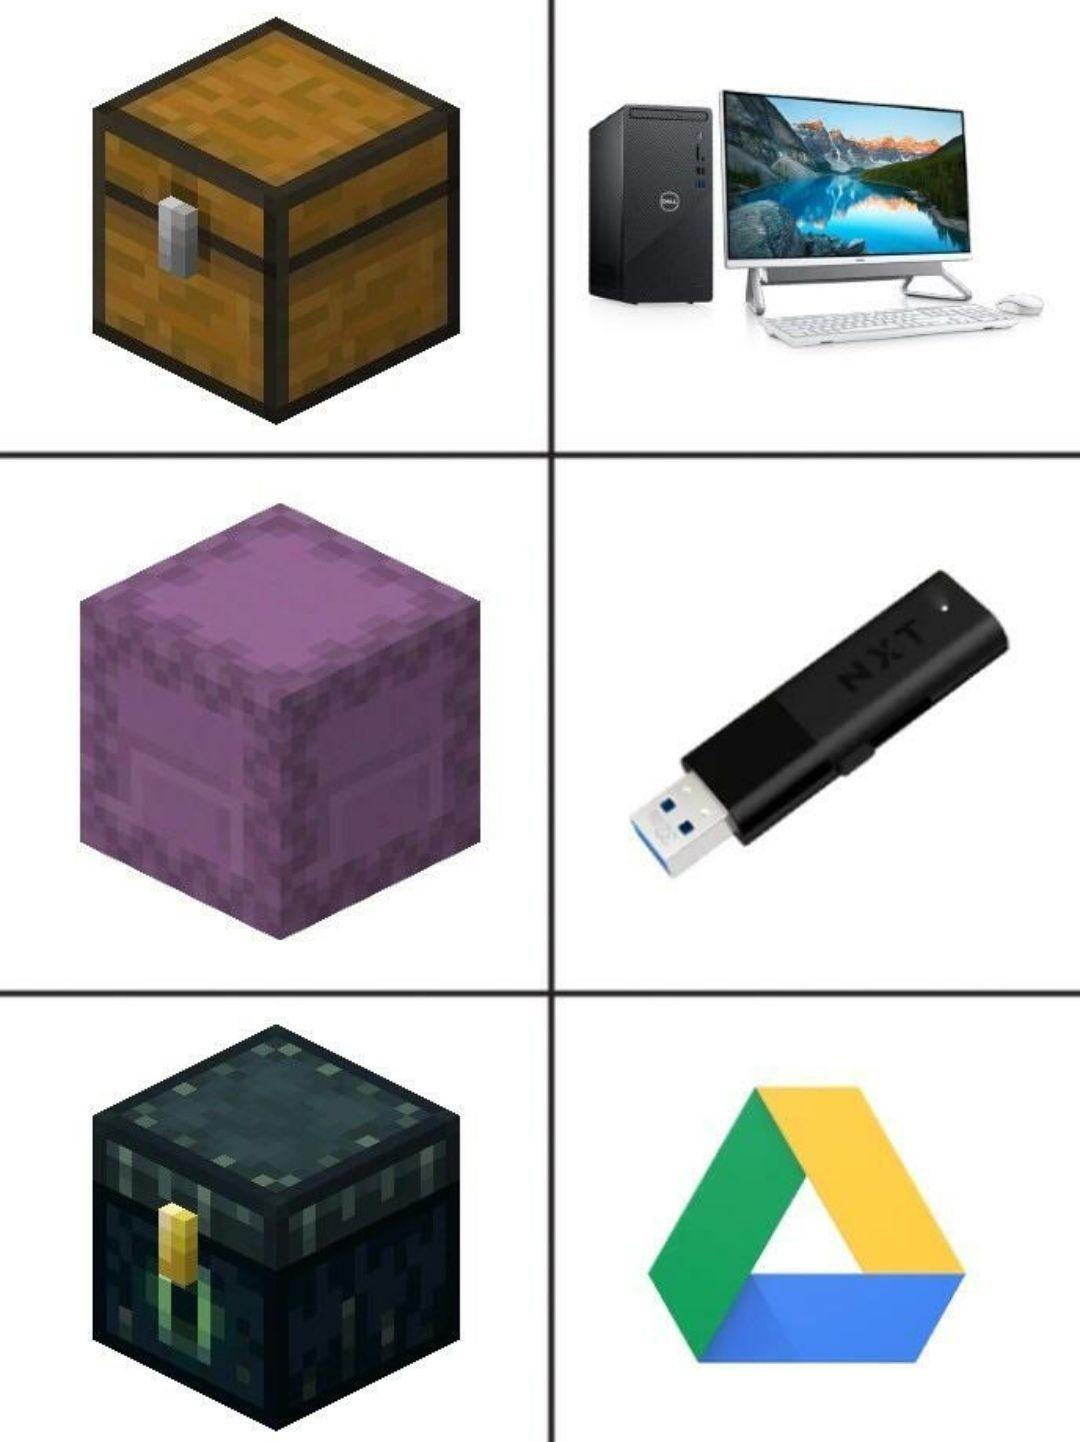 Minecraft n'est qu'une illusion de la vie car en réalité, c'est un ordinateur qui pilote Steve - meme